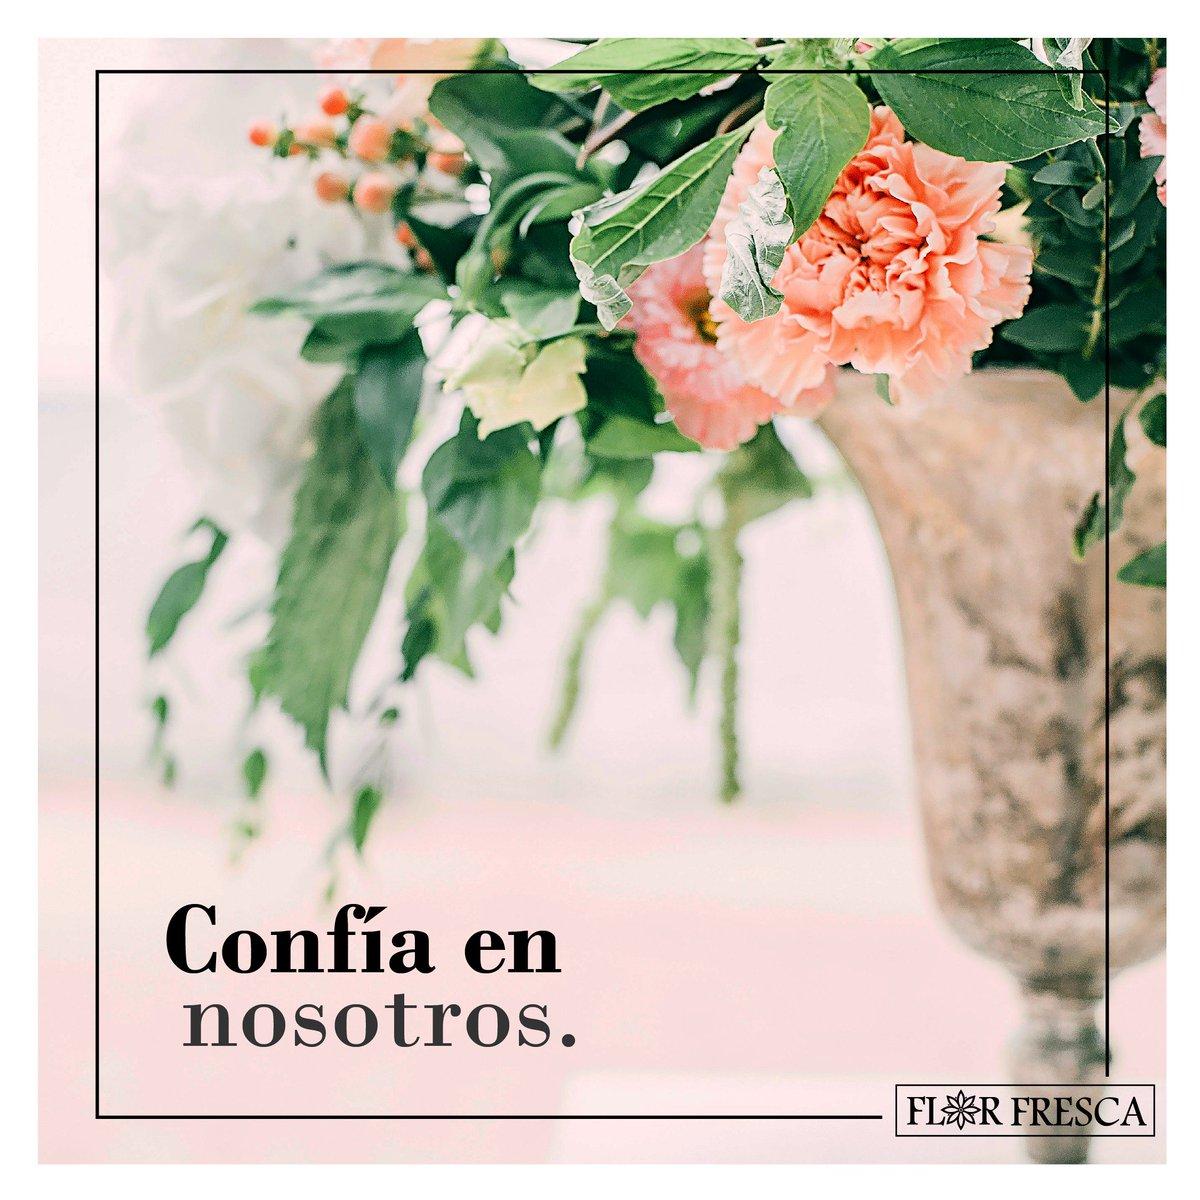 Flor Fresca On Twitter Somos La Primera Compañía